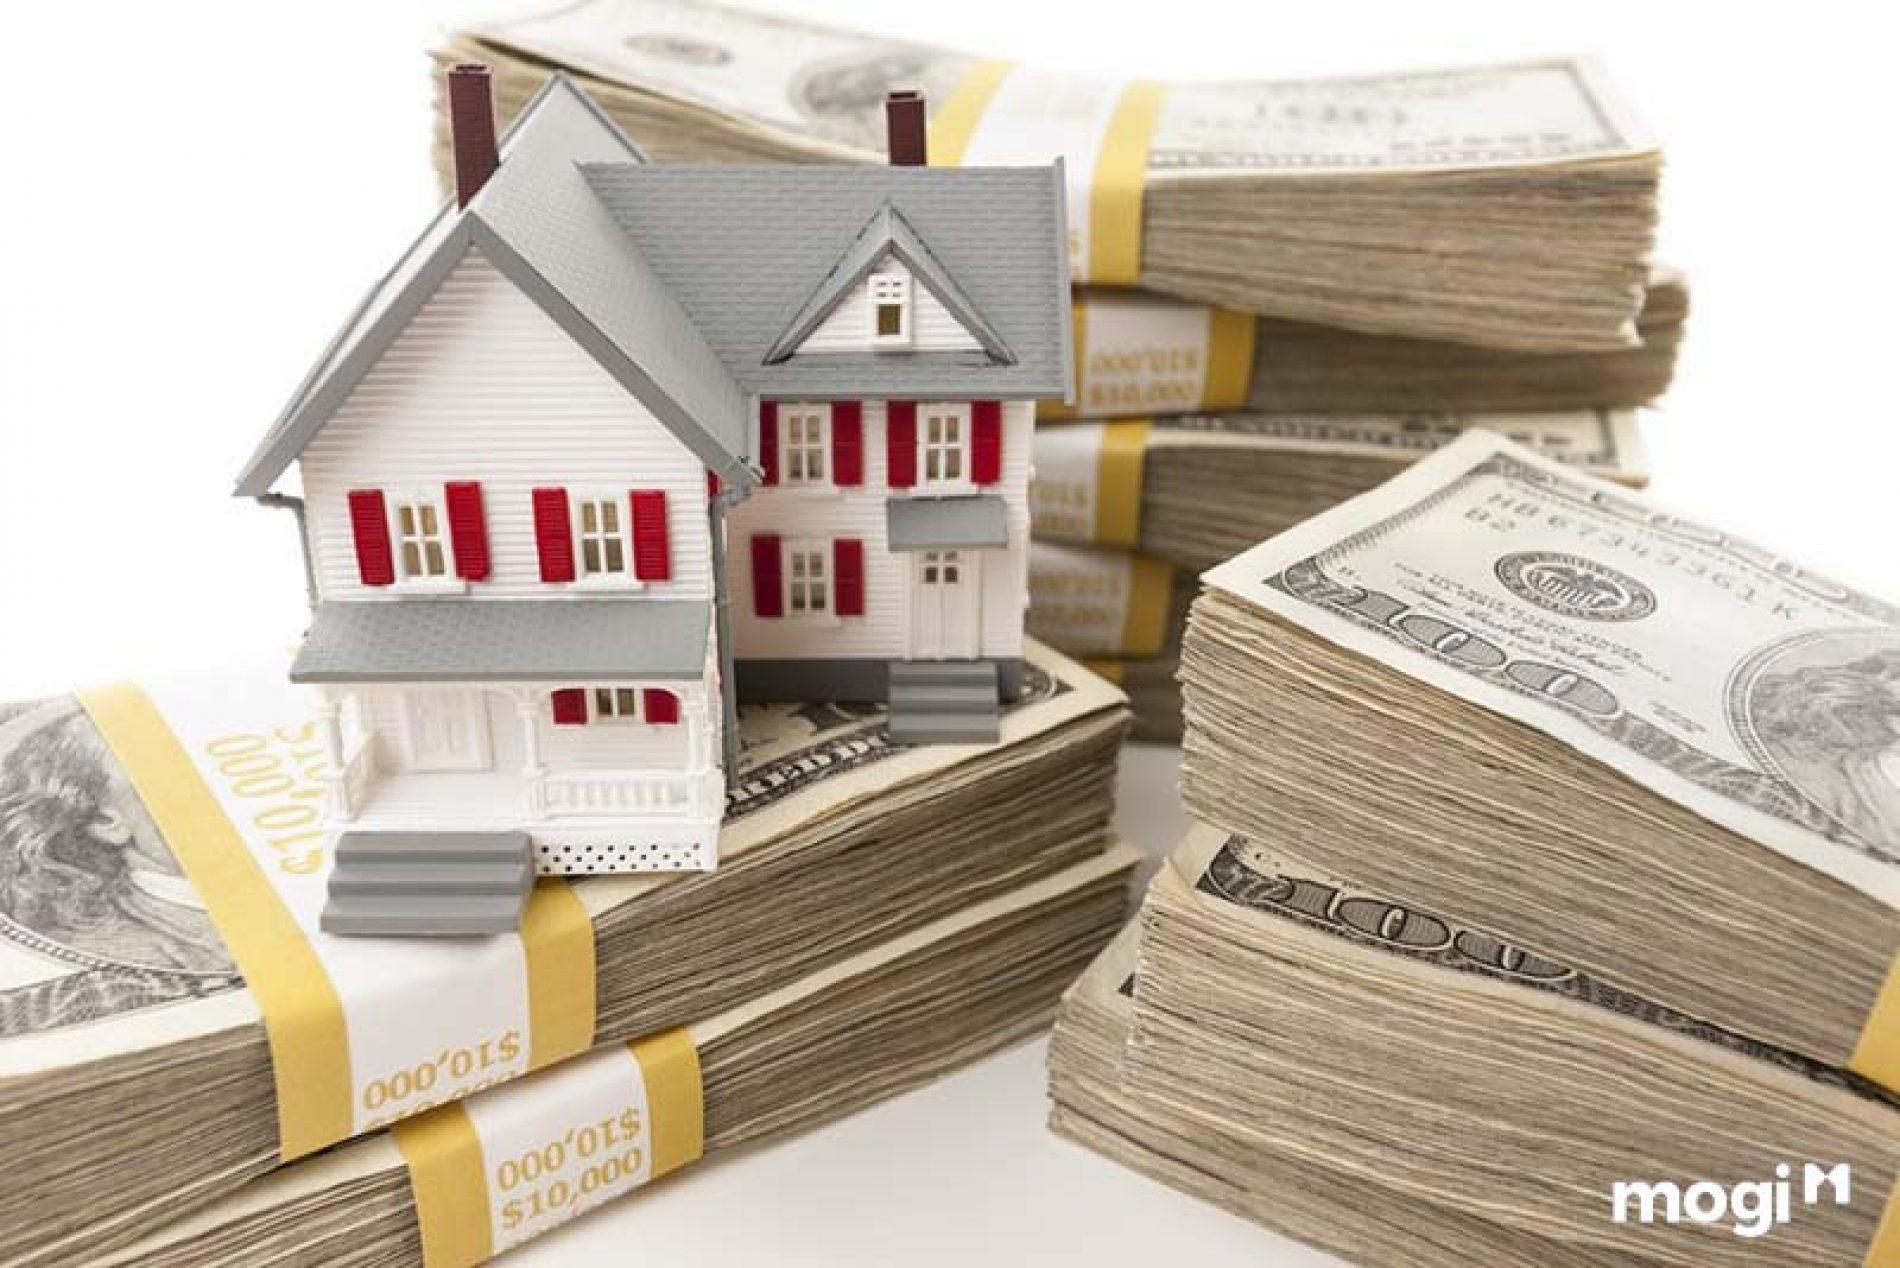 Lập kế hoạch mua nhà – tôi đã thành công trong 3 năm